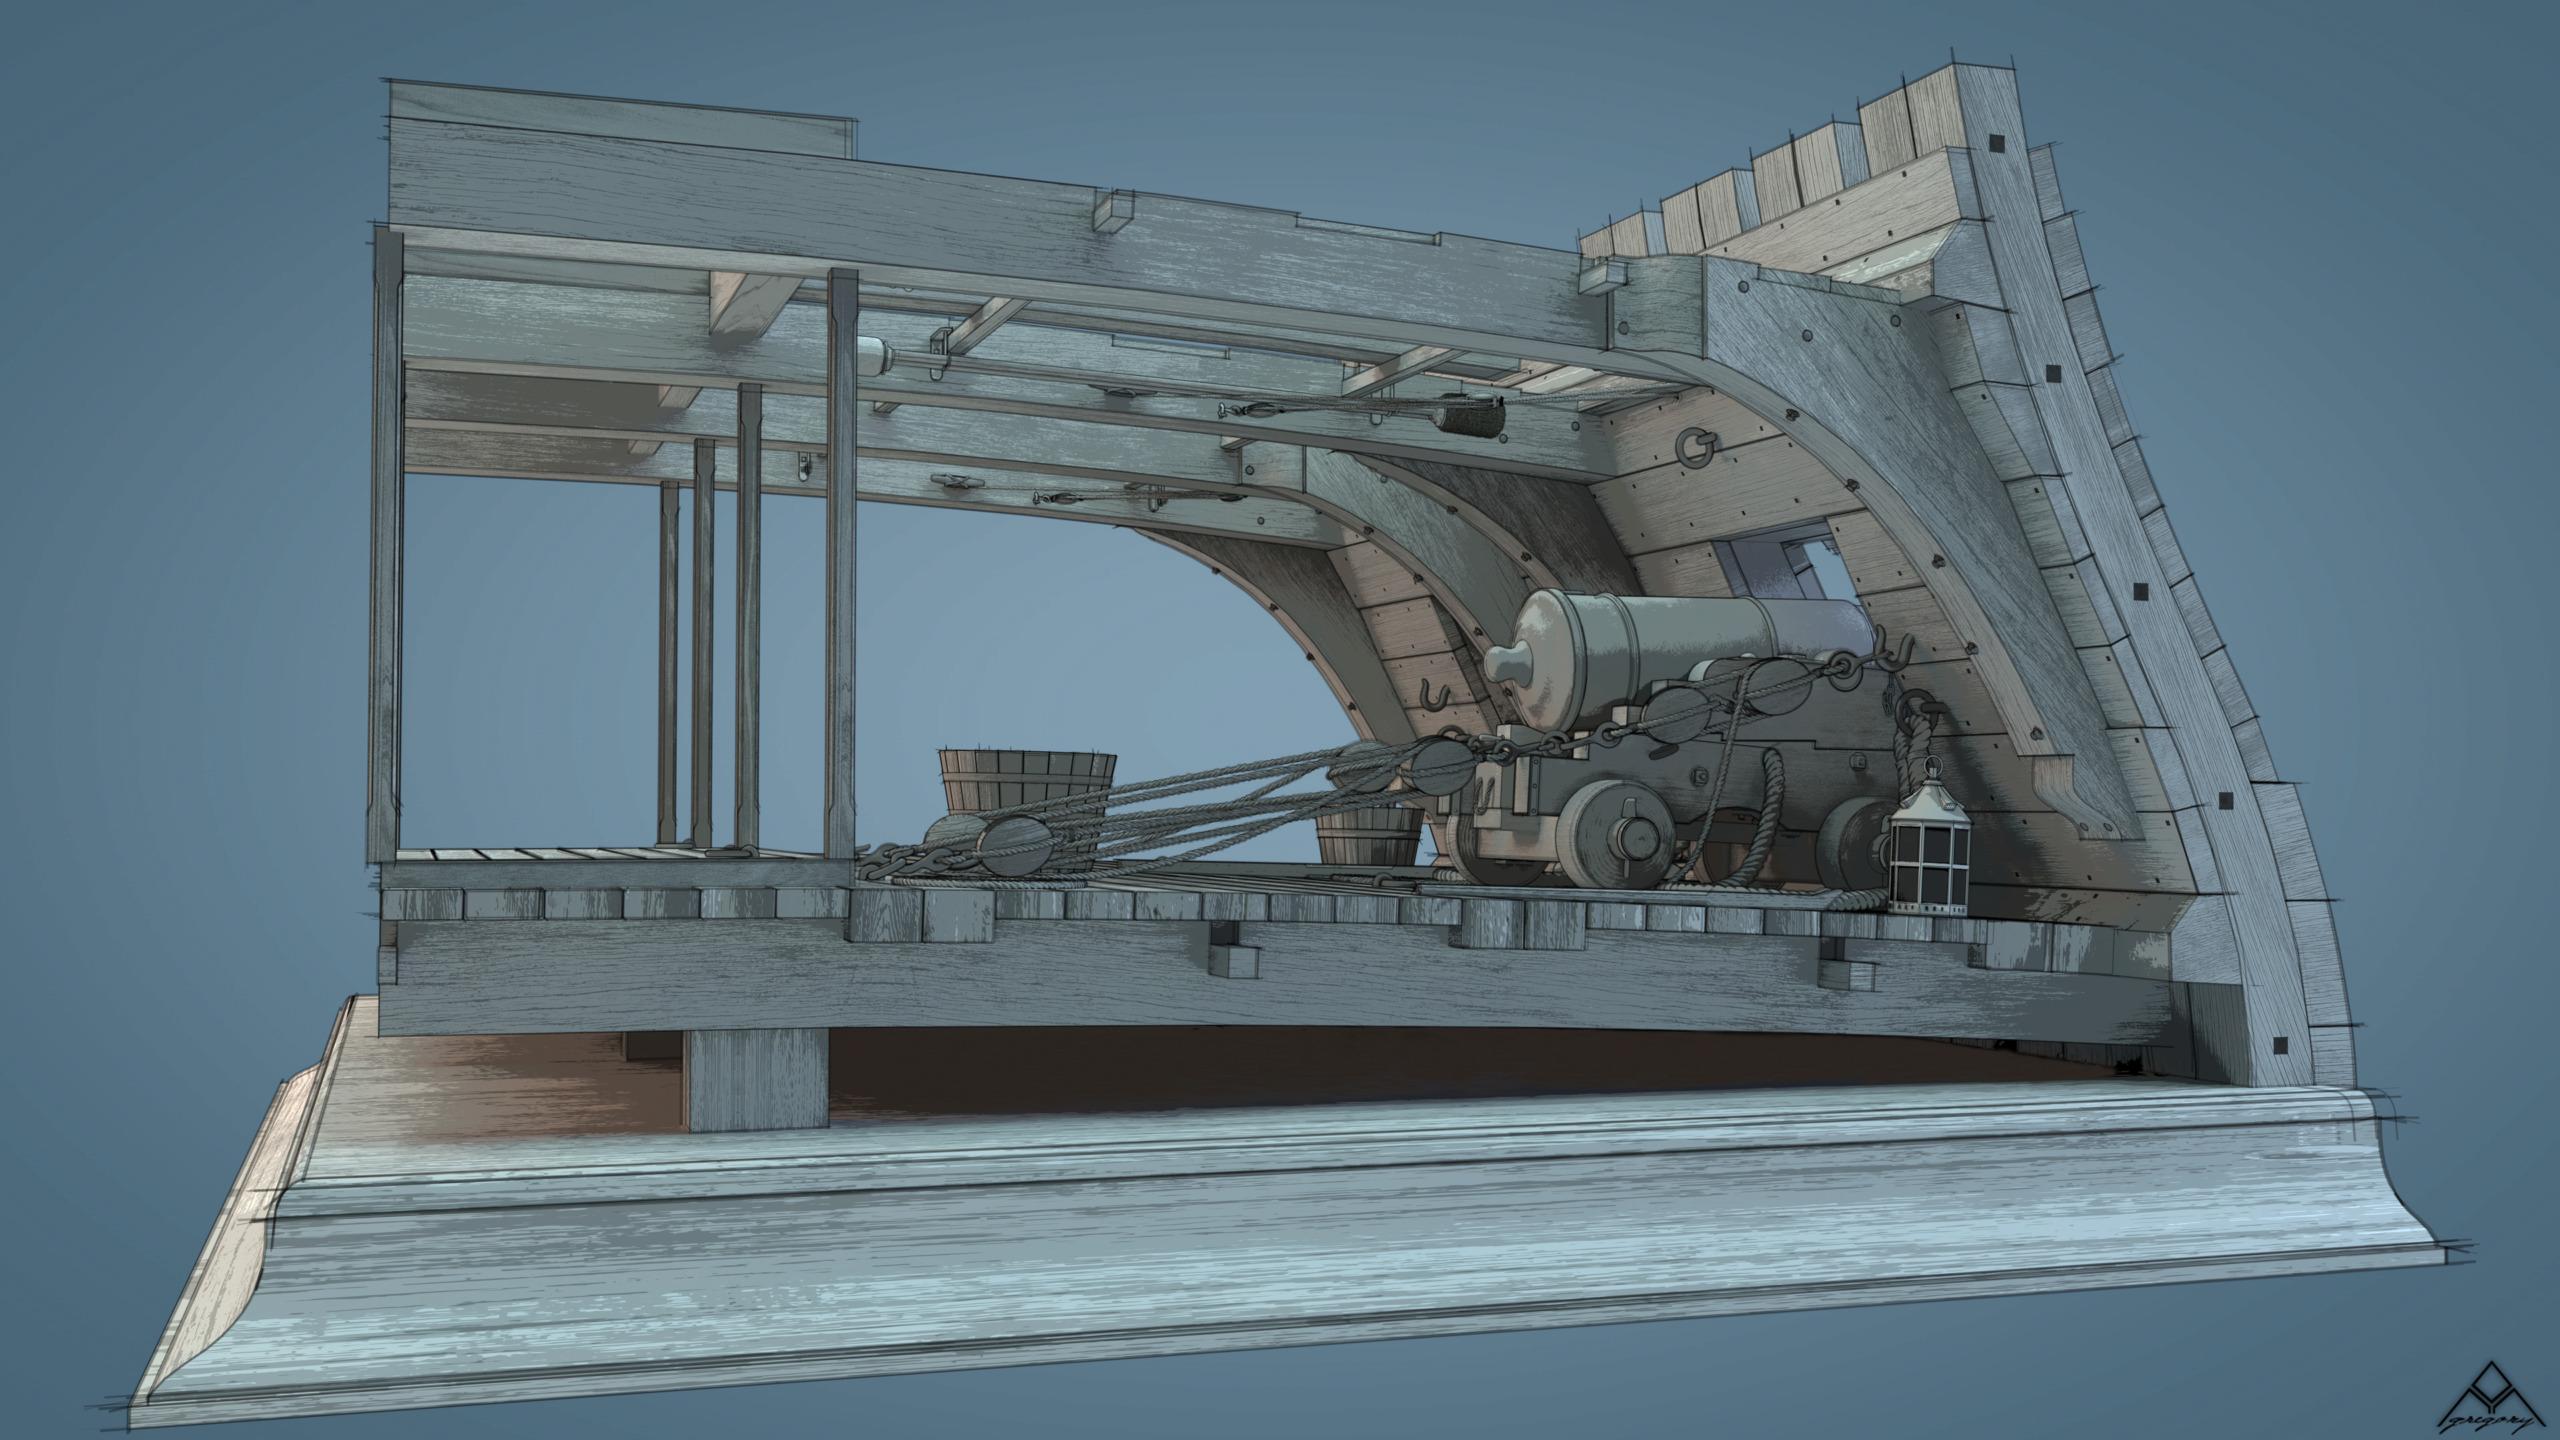 Canons de vaisseau 74 canons (Création 3D) par Greg_3D - Page 9 Rendu112